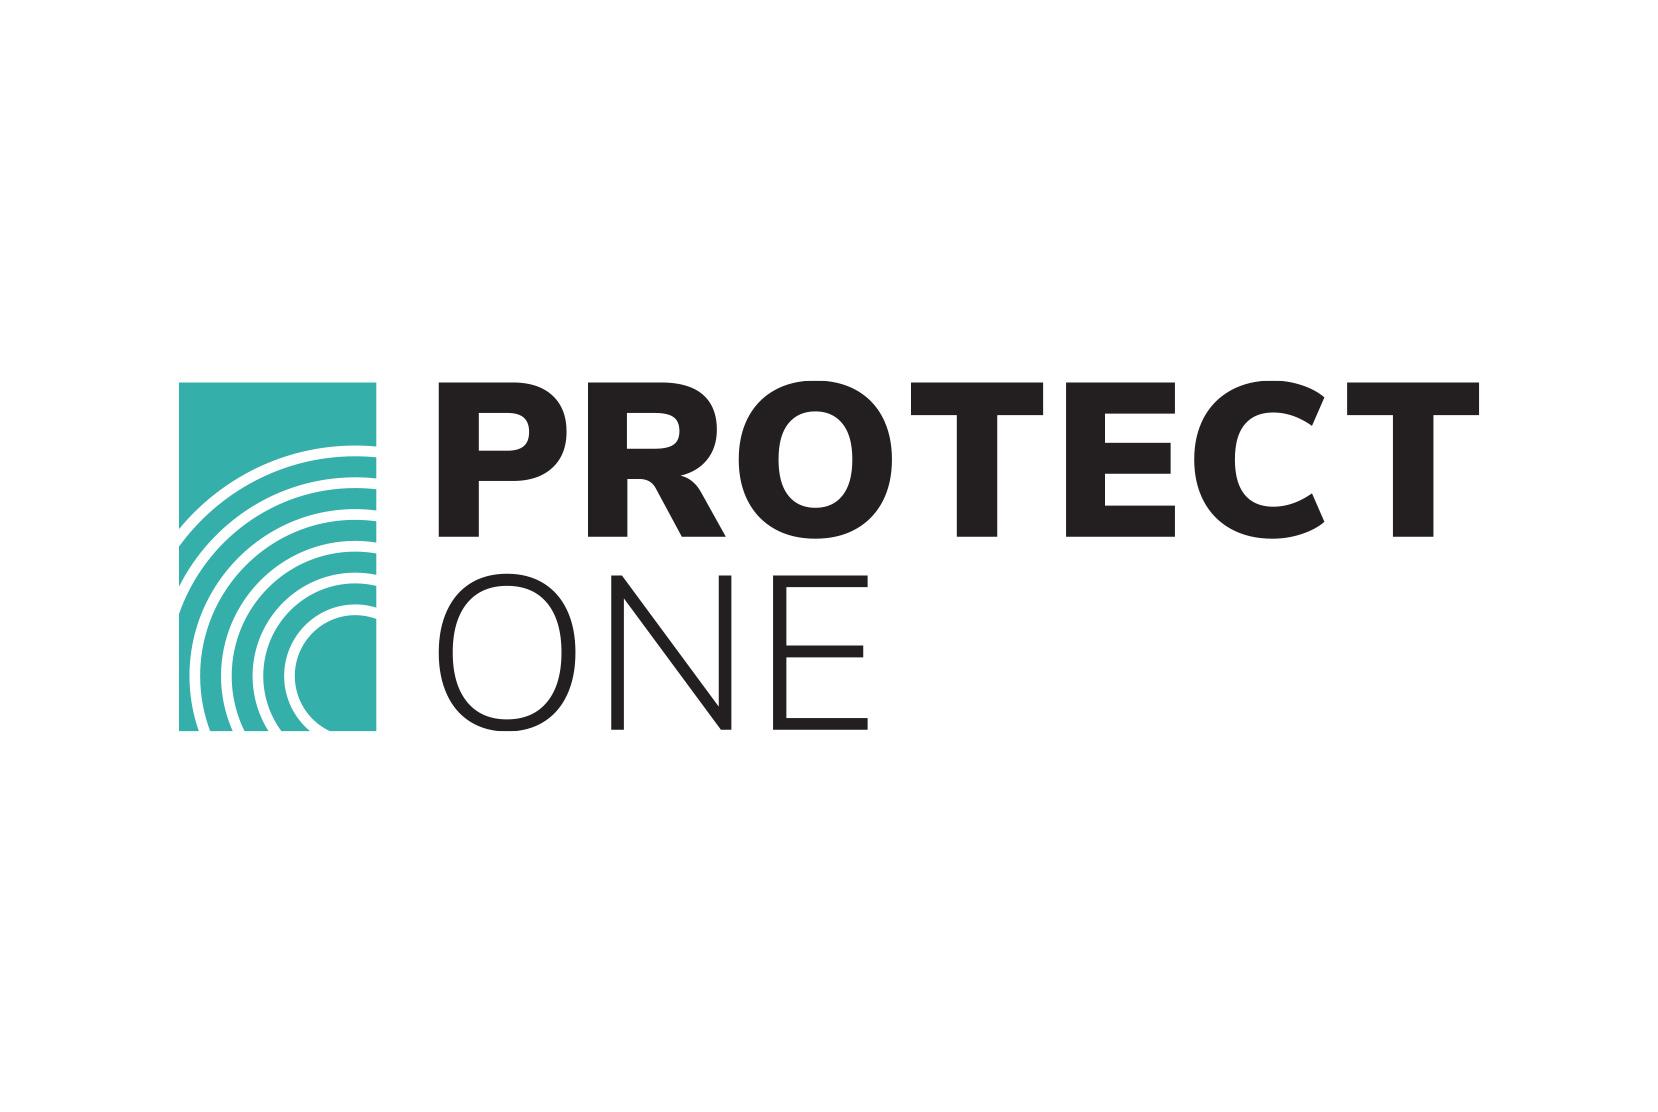 Ultrahangos kullancsriasztó – Szakmai díjjal jutalmazták a ProtectOne termékét